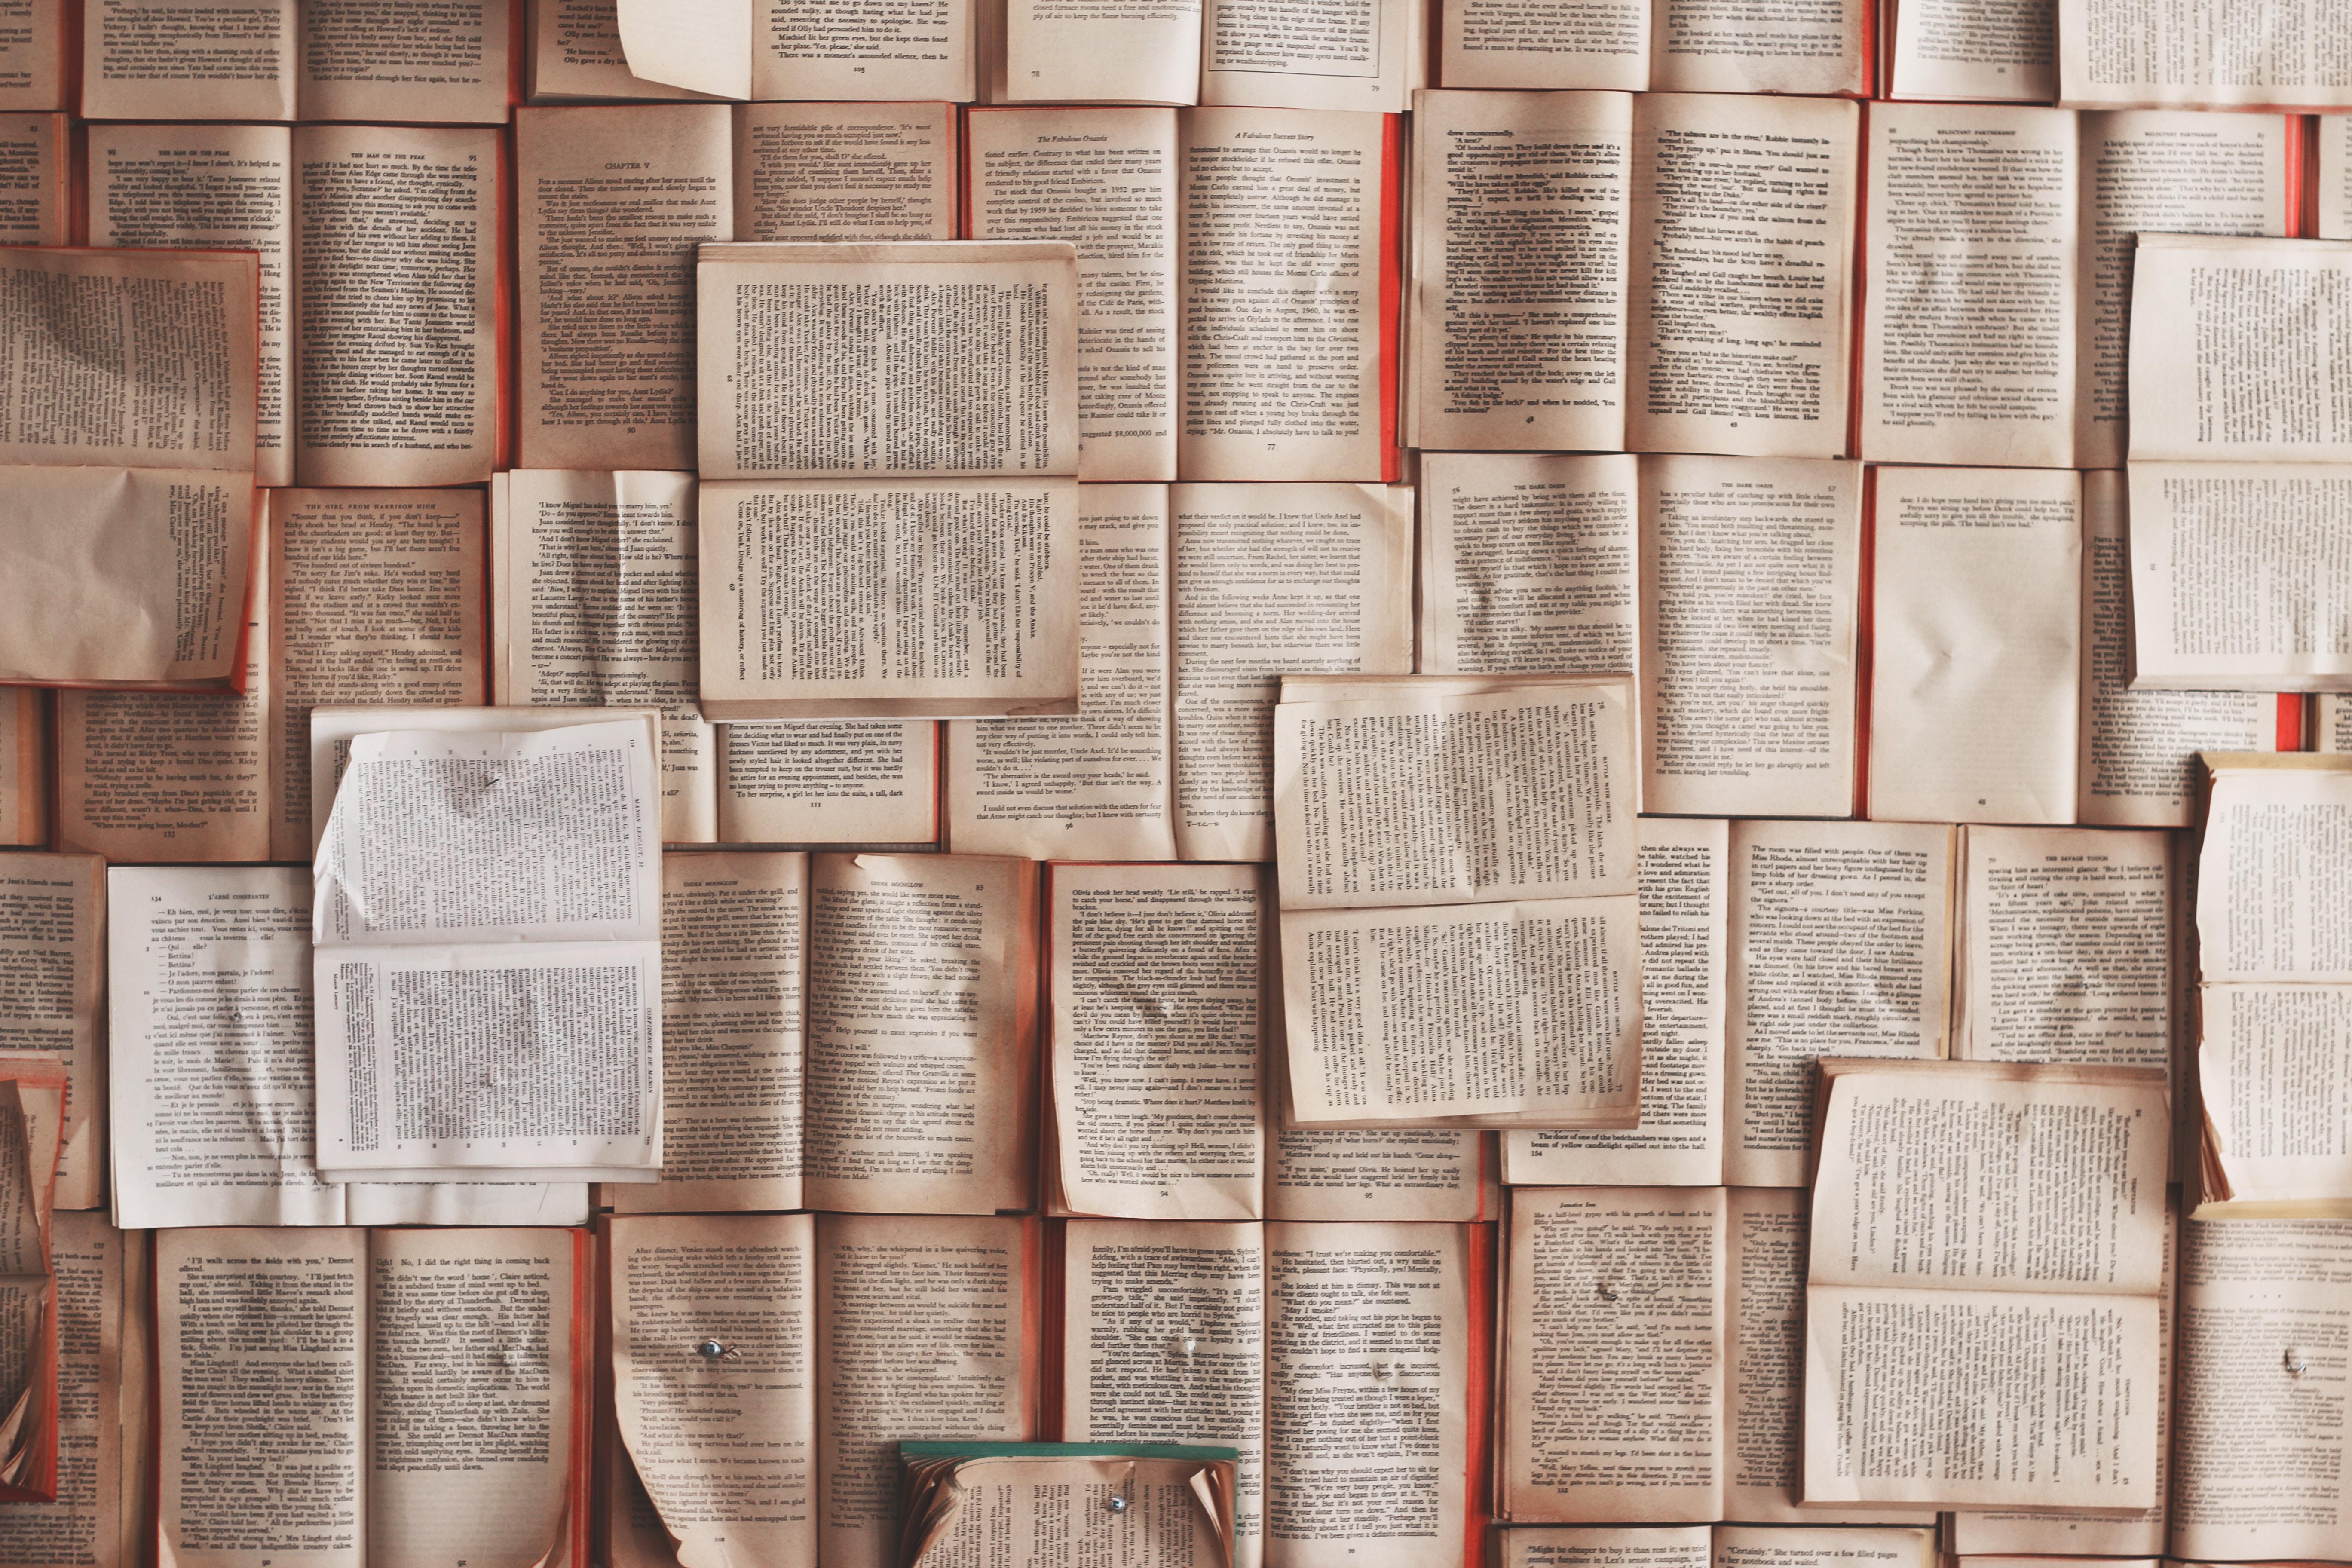 Top 7: Los libros más populares para leer en la contingencia de coronavirus